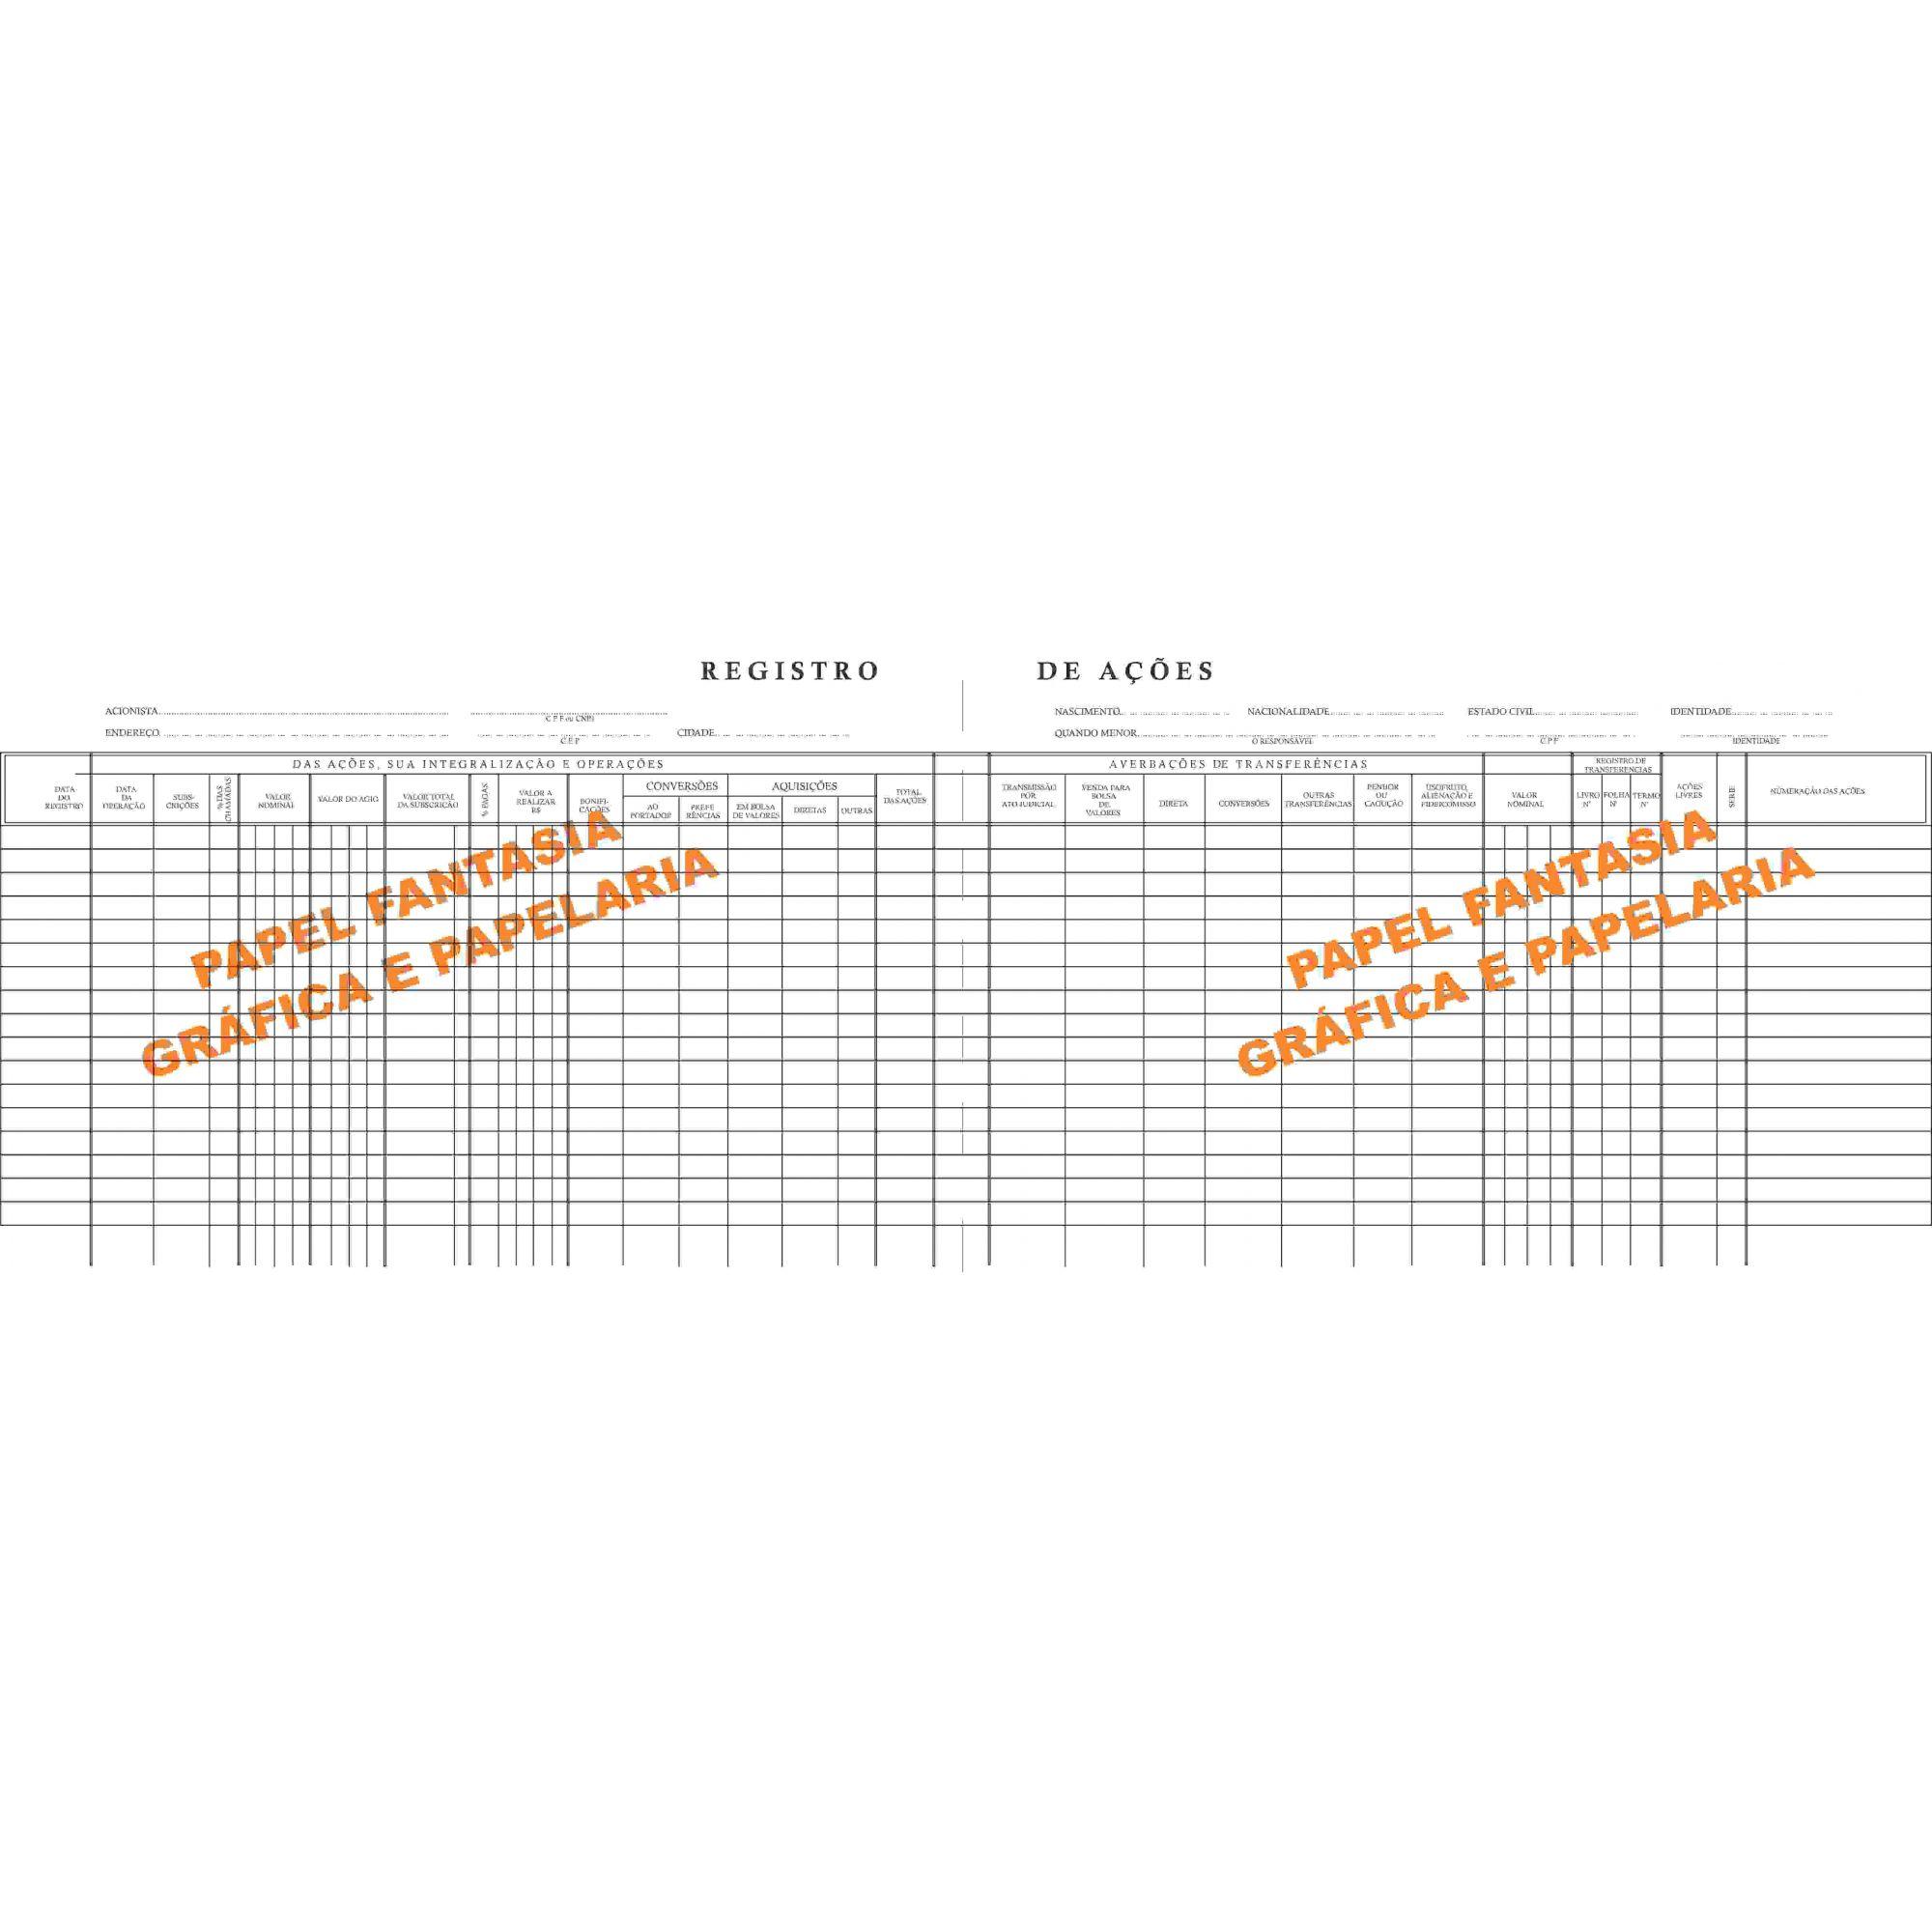 Livro Registro de Ações Nominativas 50 Folhas